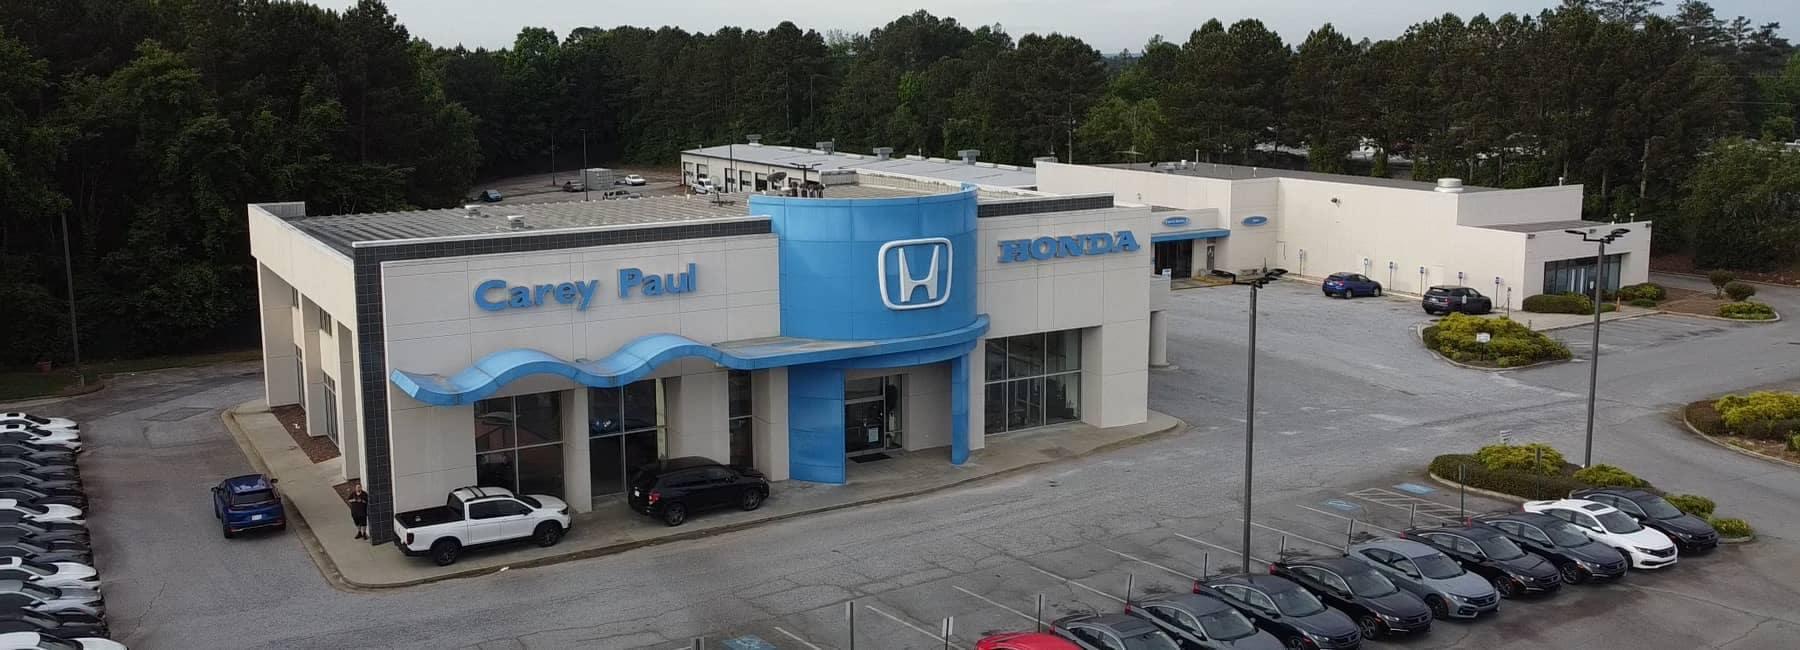 Carey Paul Honda dealership exterior